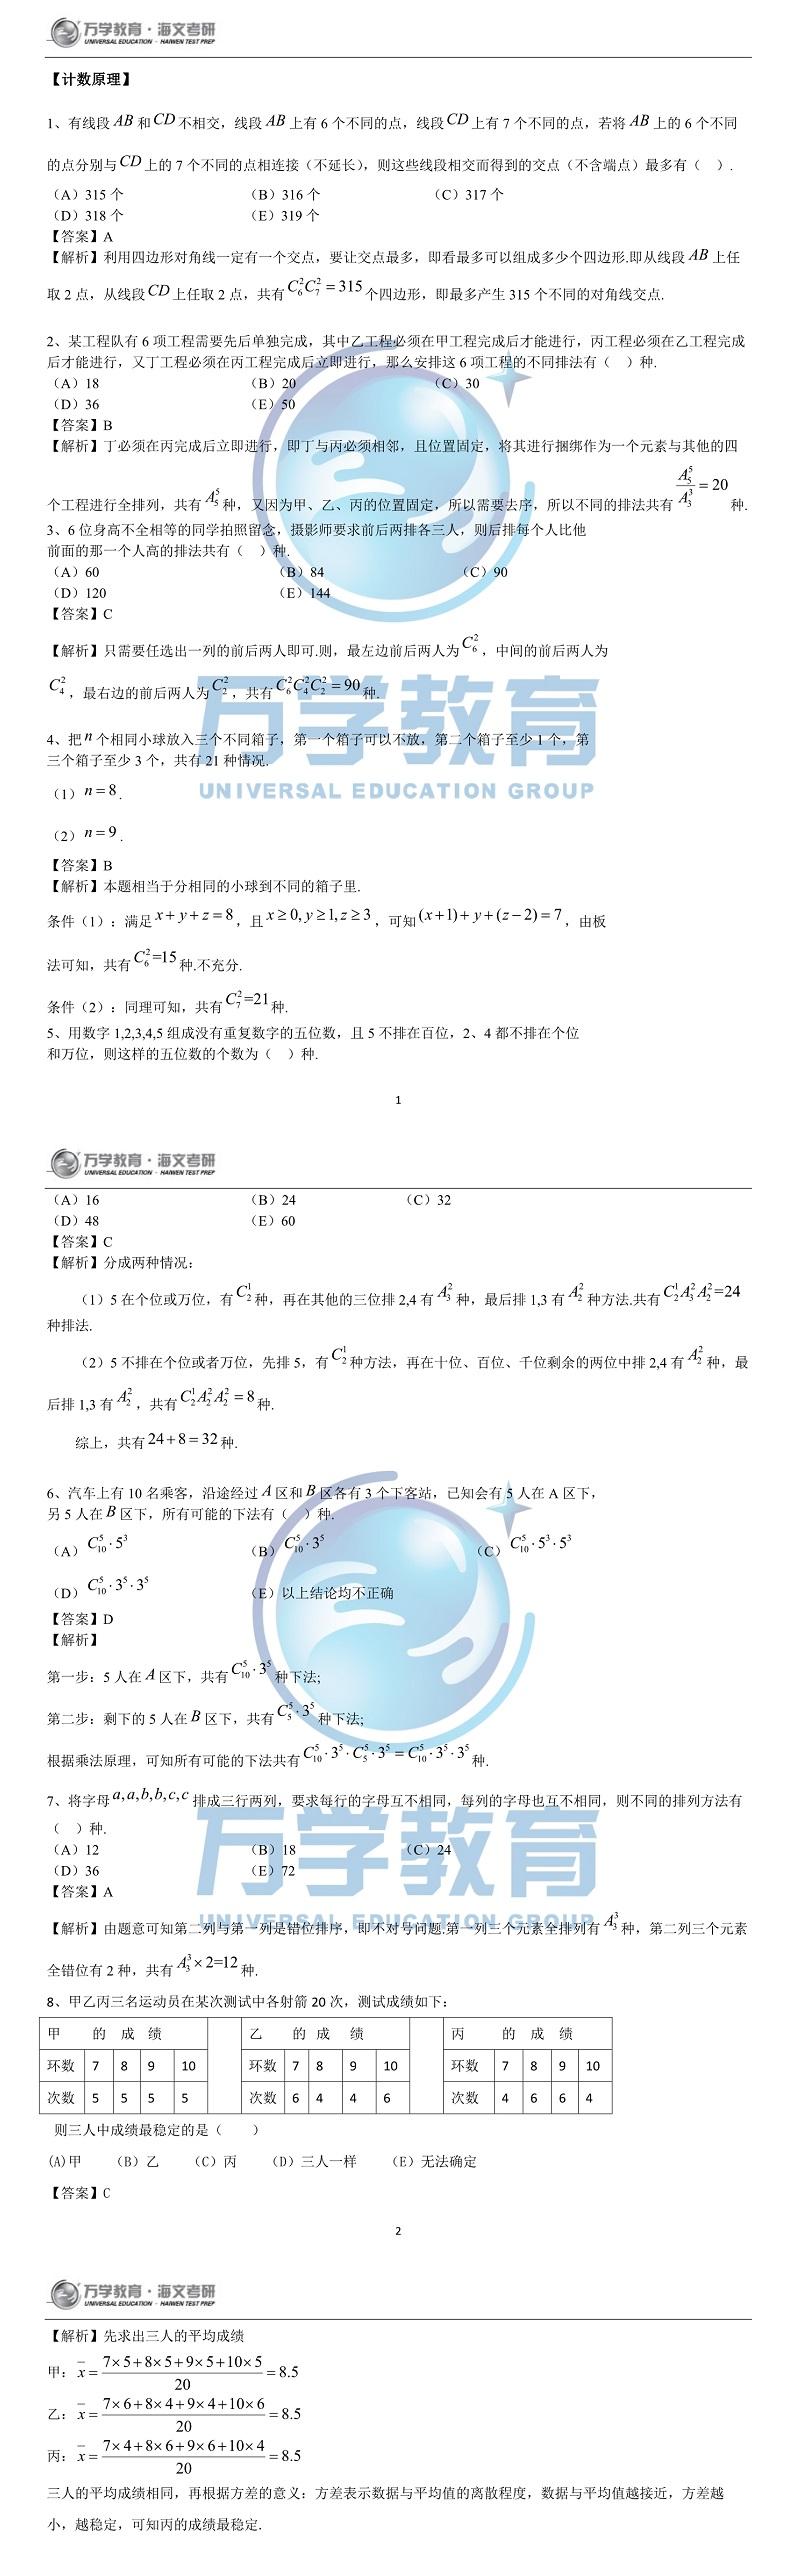 199数学押题第五式.jpg